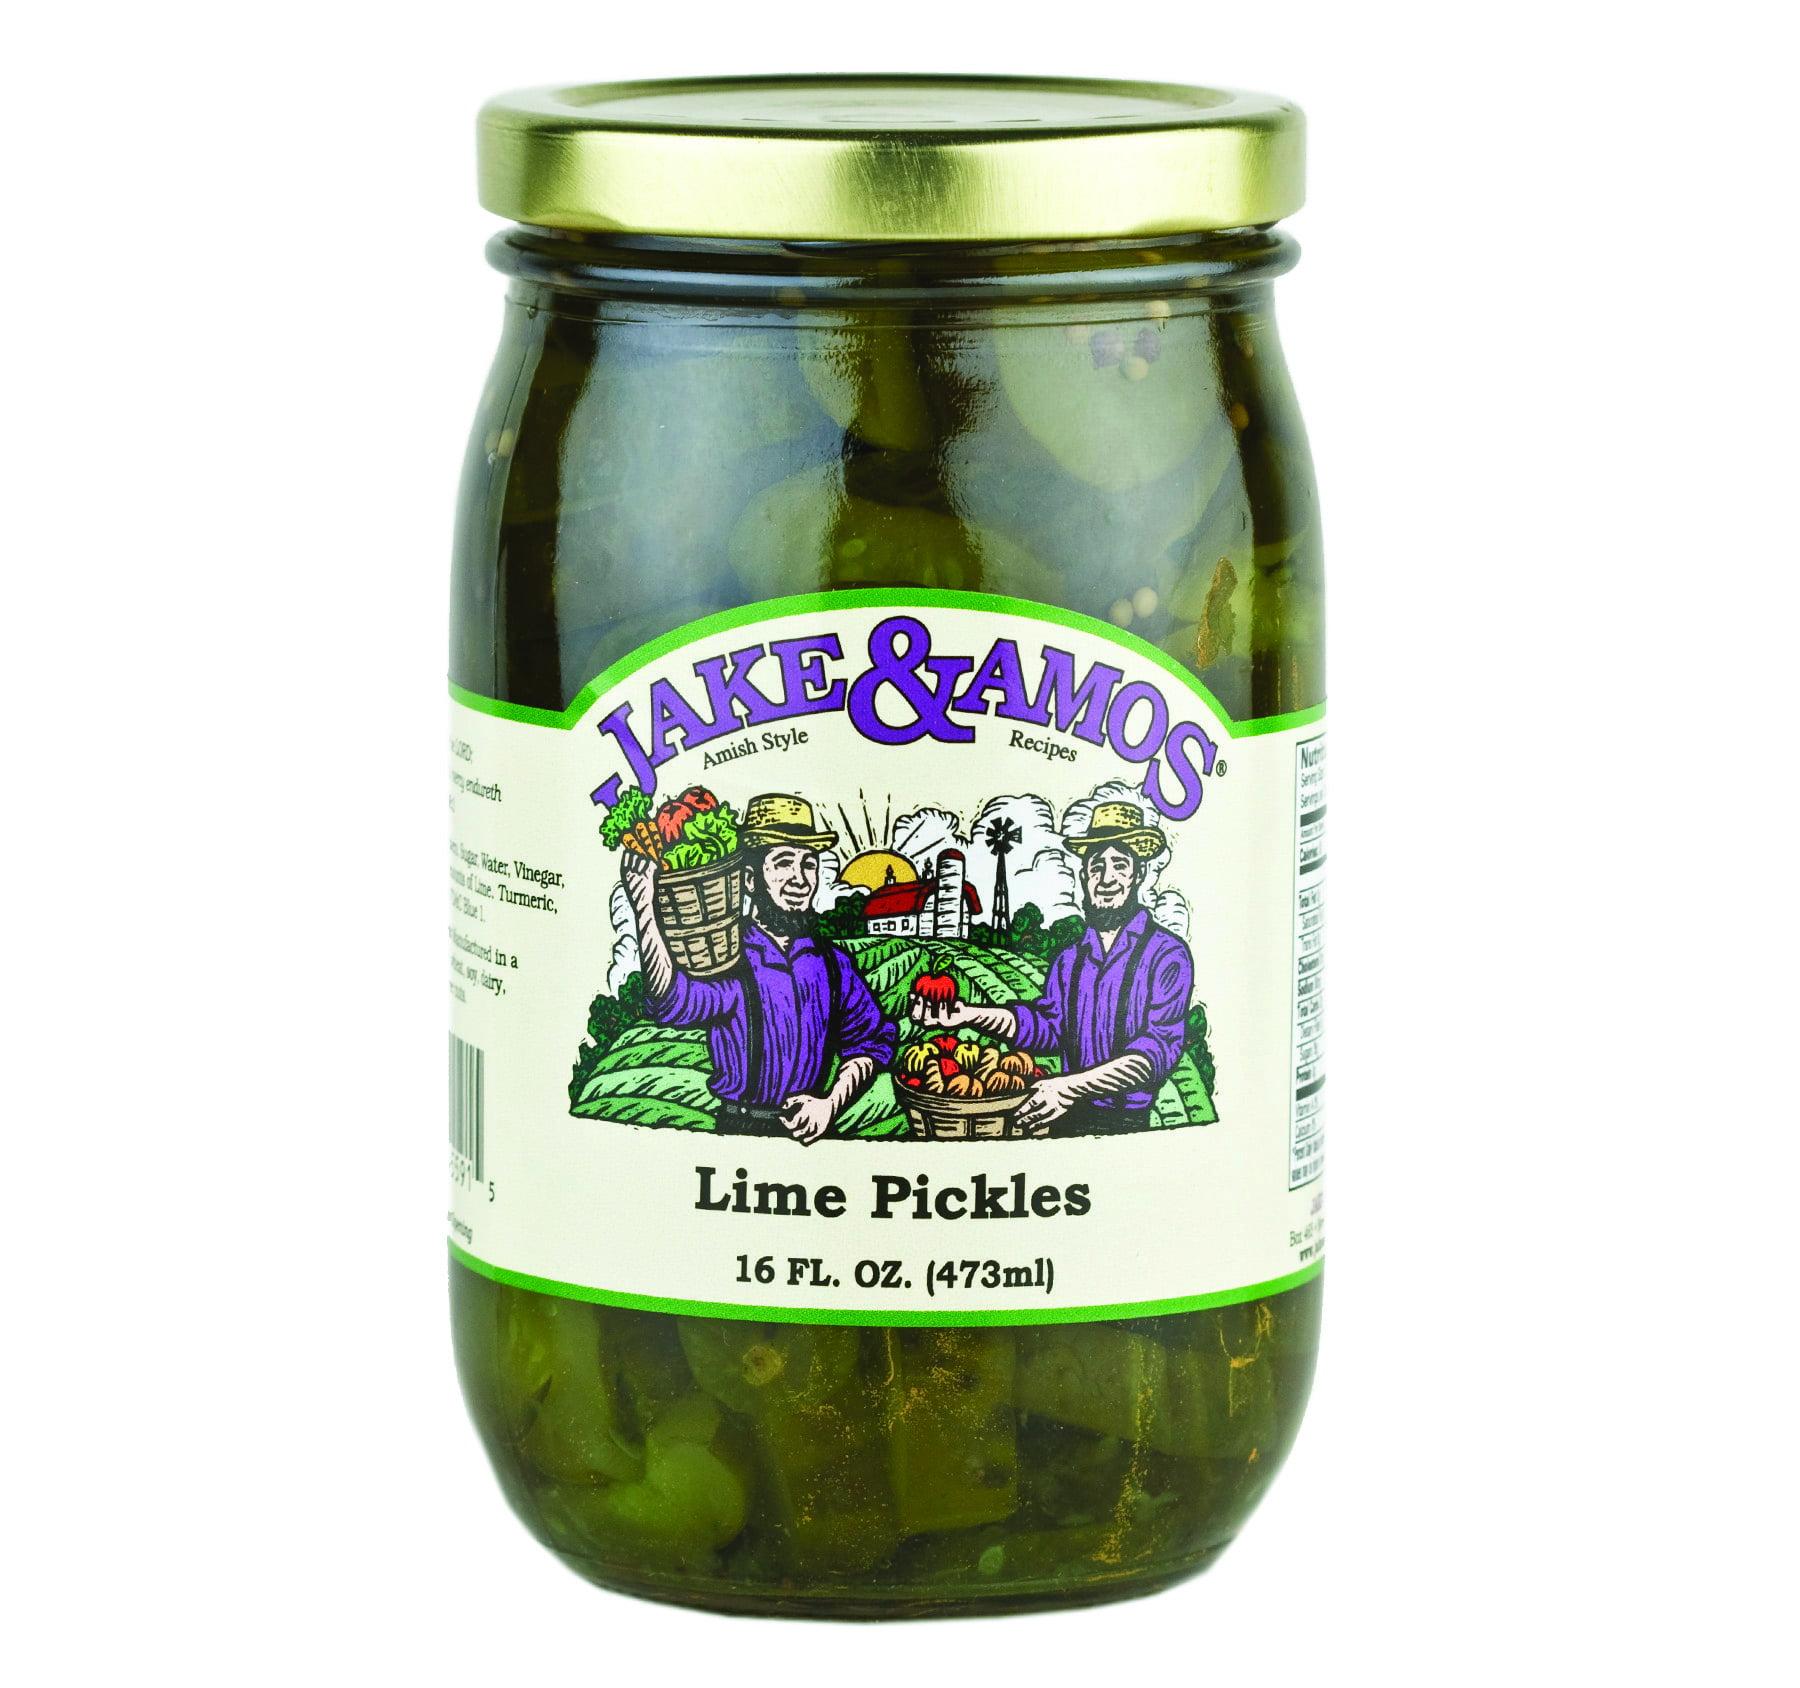 Jake & Amos Lime Pickles 16 oz. (3 Jars)